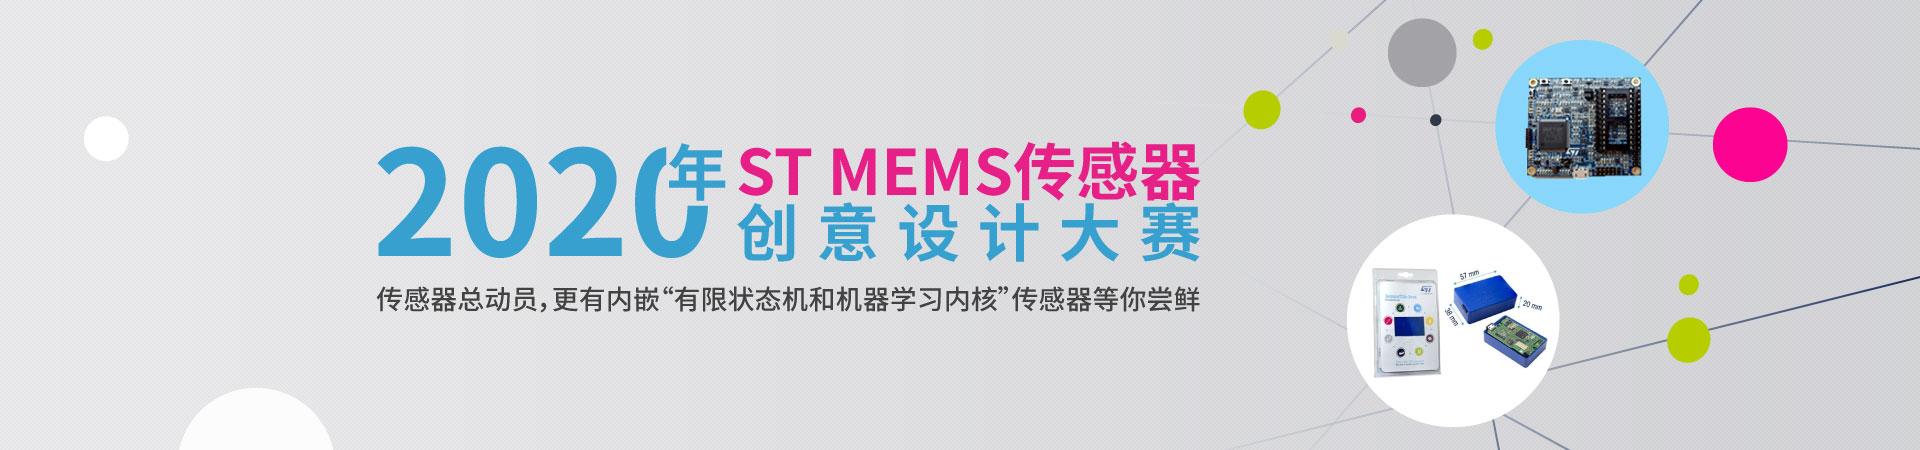 2020 ST MEMS传感器创意设计大赛